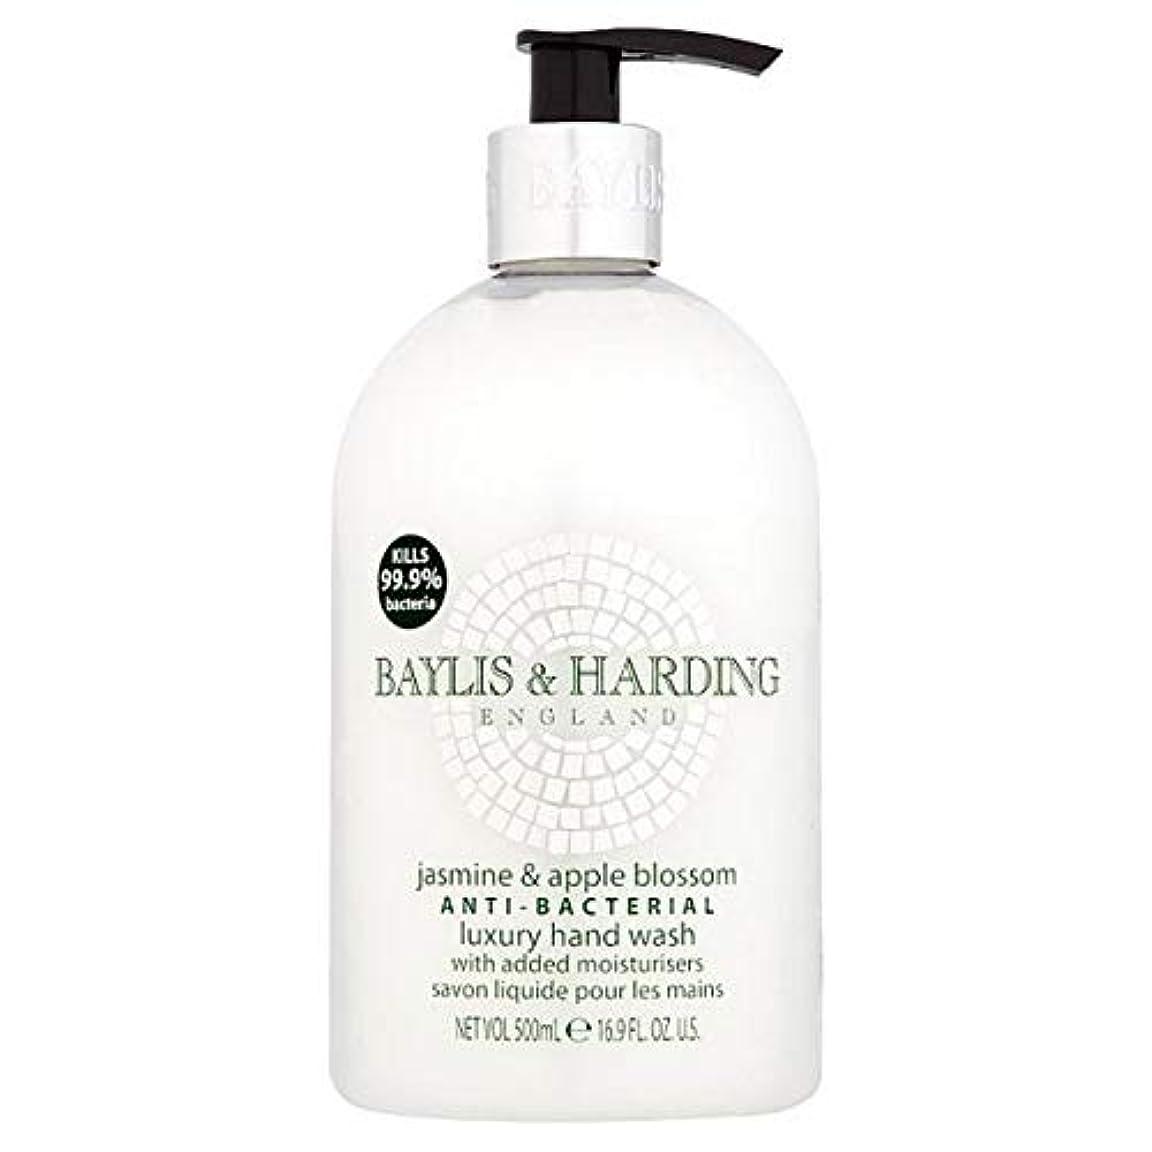 位置するとても多くの他に[Baylis & Harding ] ベイリス&ハーディング署名抗菌手洗い用500ミリリットル - Baylis & Harding Signature Antibacterial Hand Wash 500ml [並行輸入品]